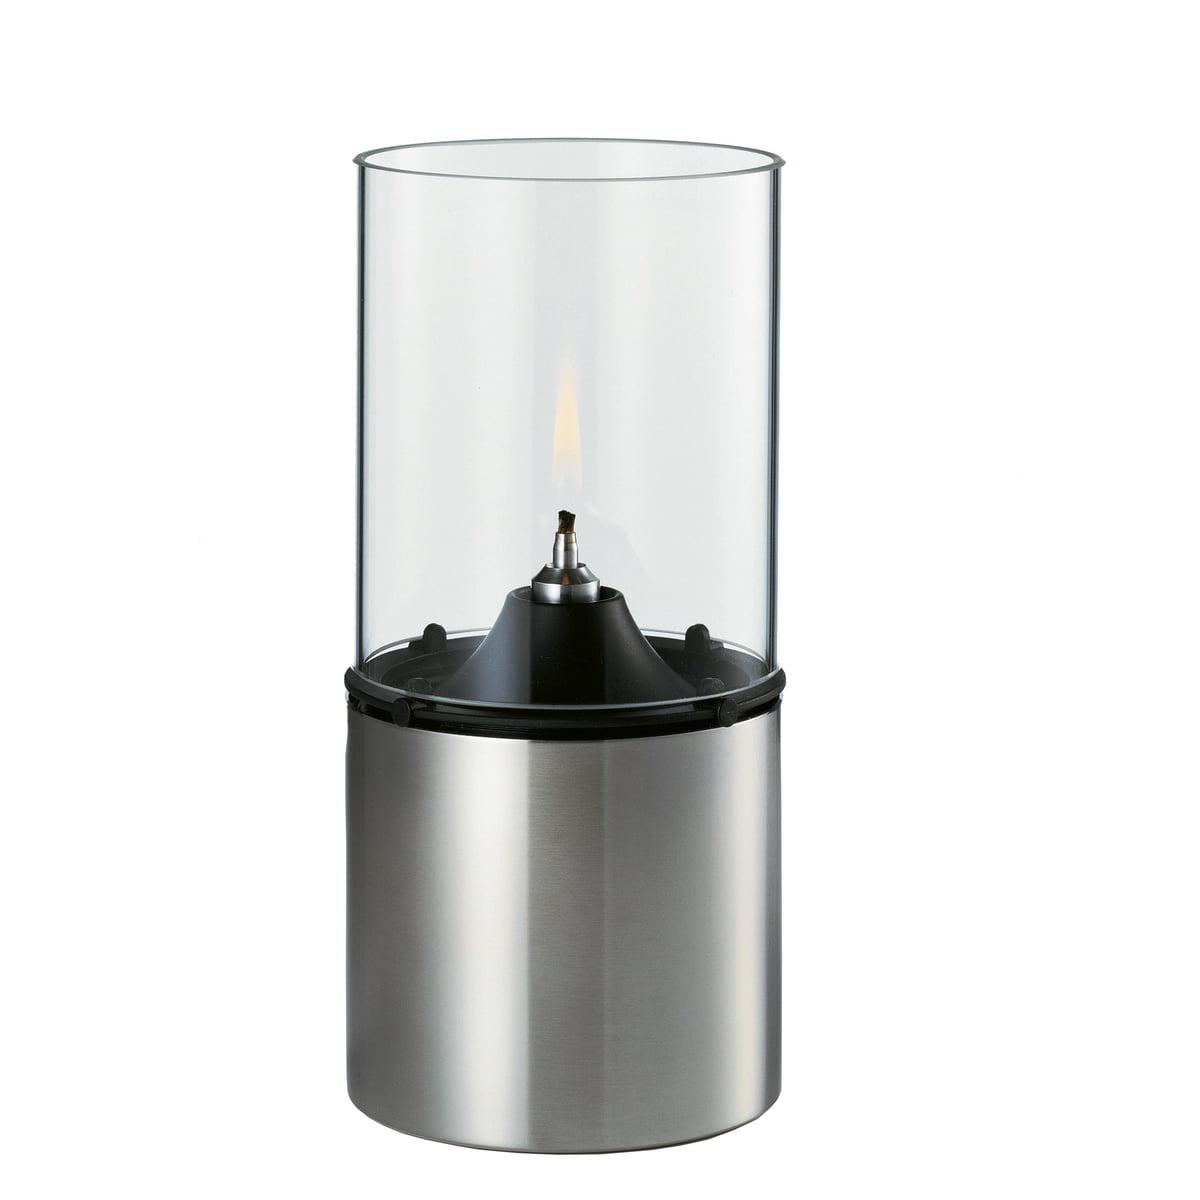 Öllampe 1005 mit Glasschirm, klar